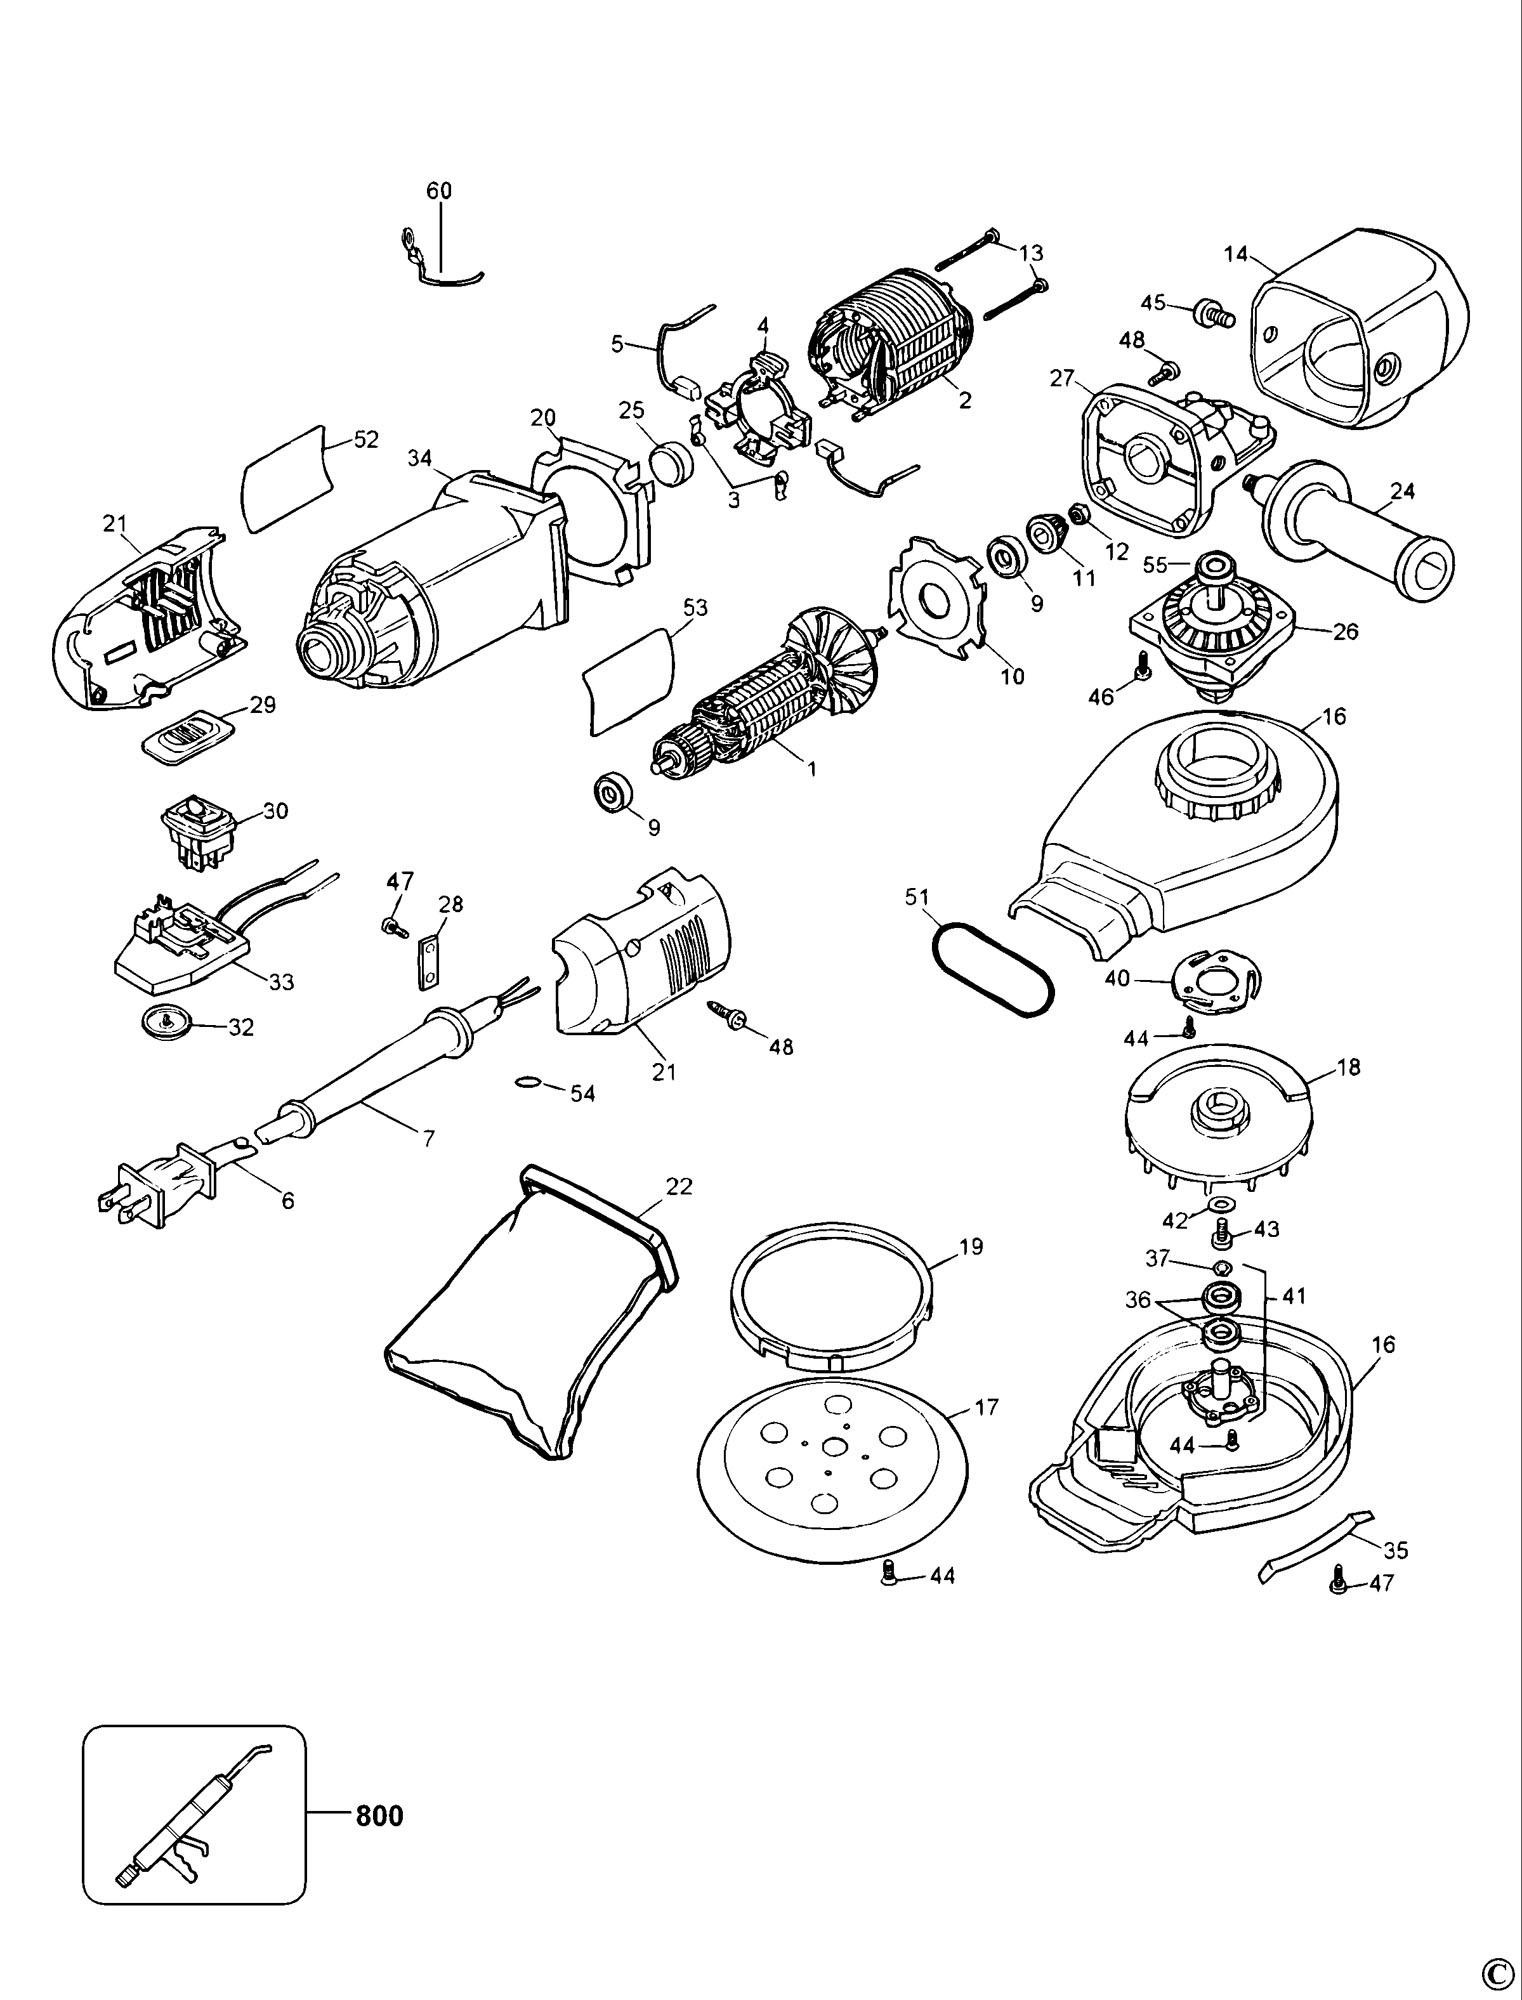 Dewalt Radio Wiring Diagram